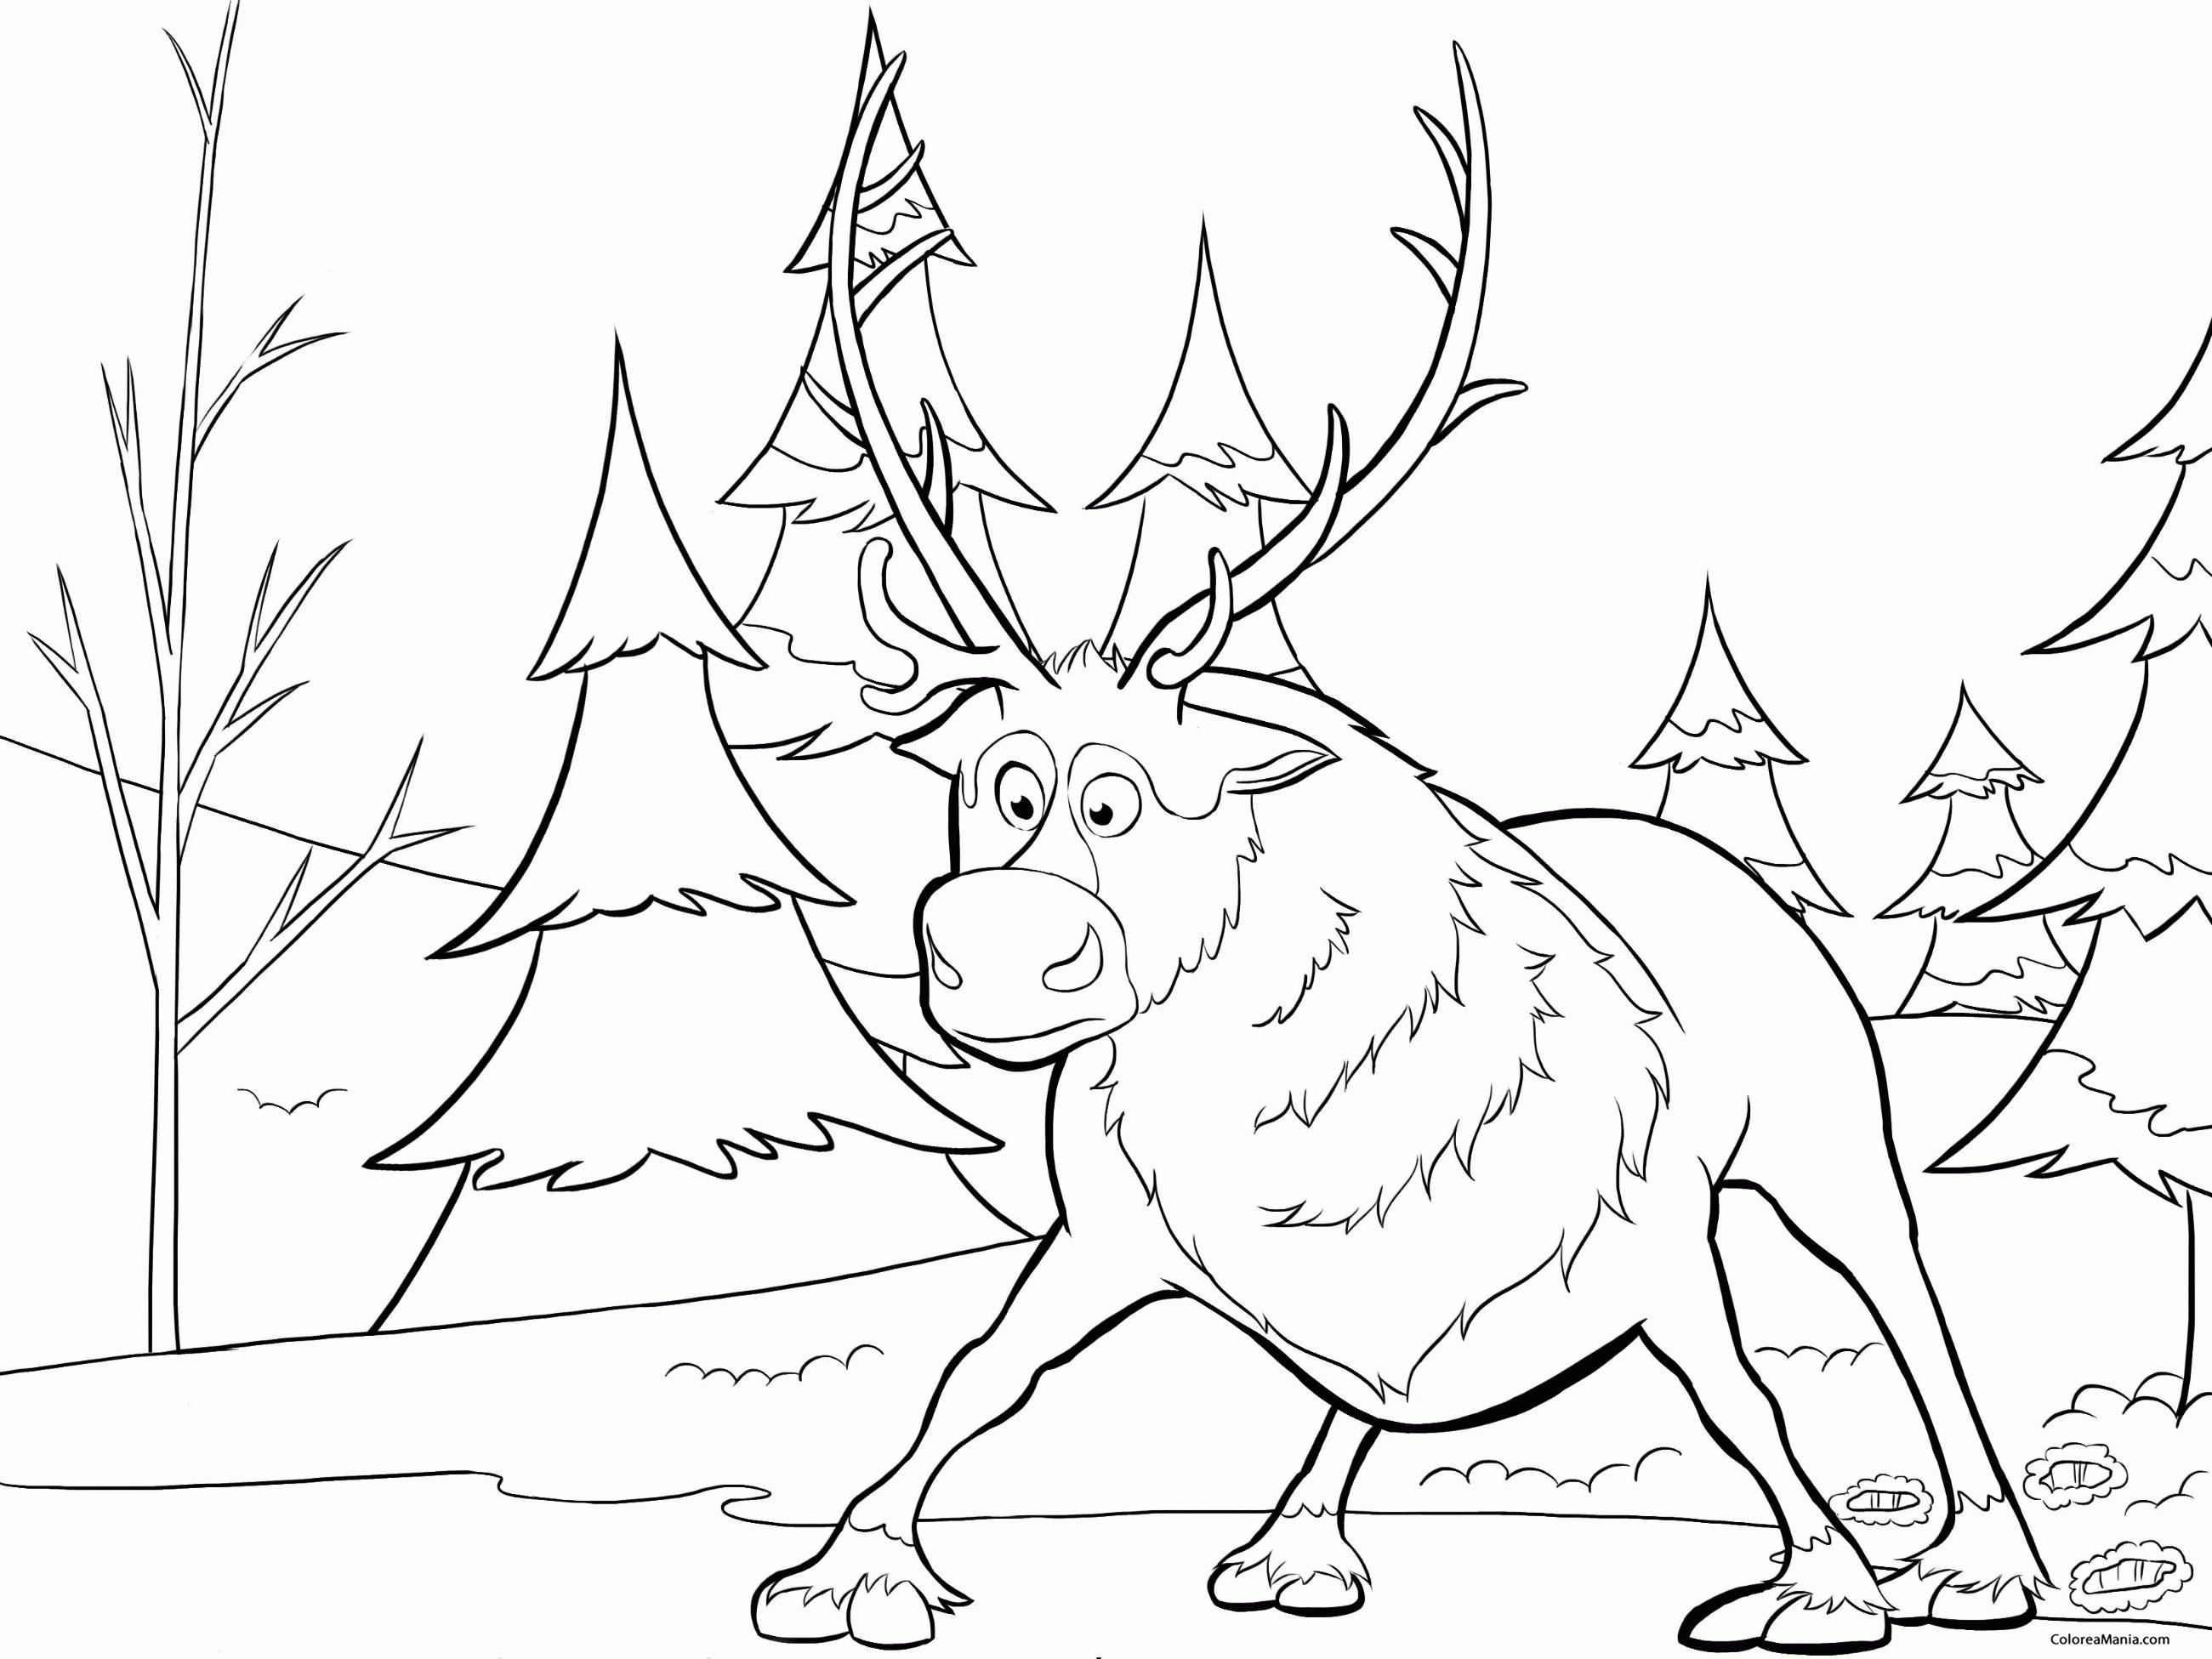 Colorear El reno (Frozen), dibujo para colorear gratis